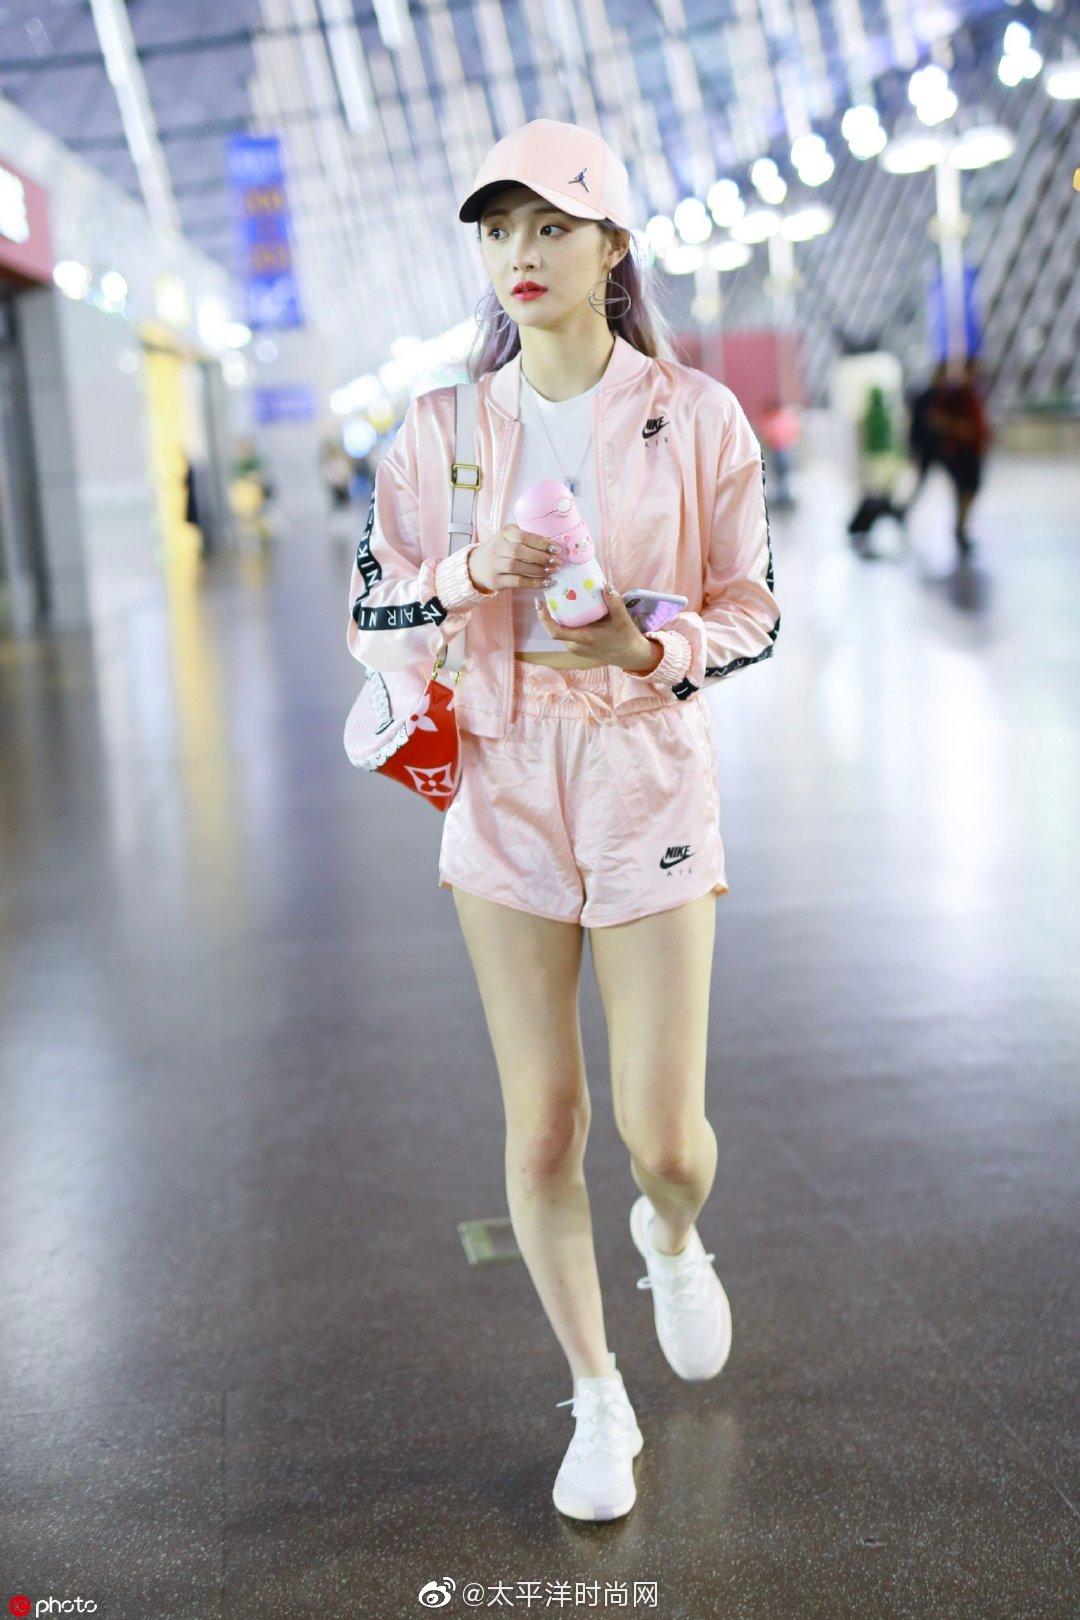 身穿粉色运动套装,内搭白色露脐TEE现身上海机场